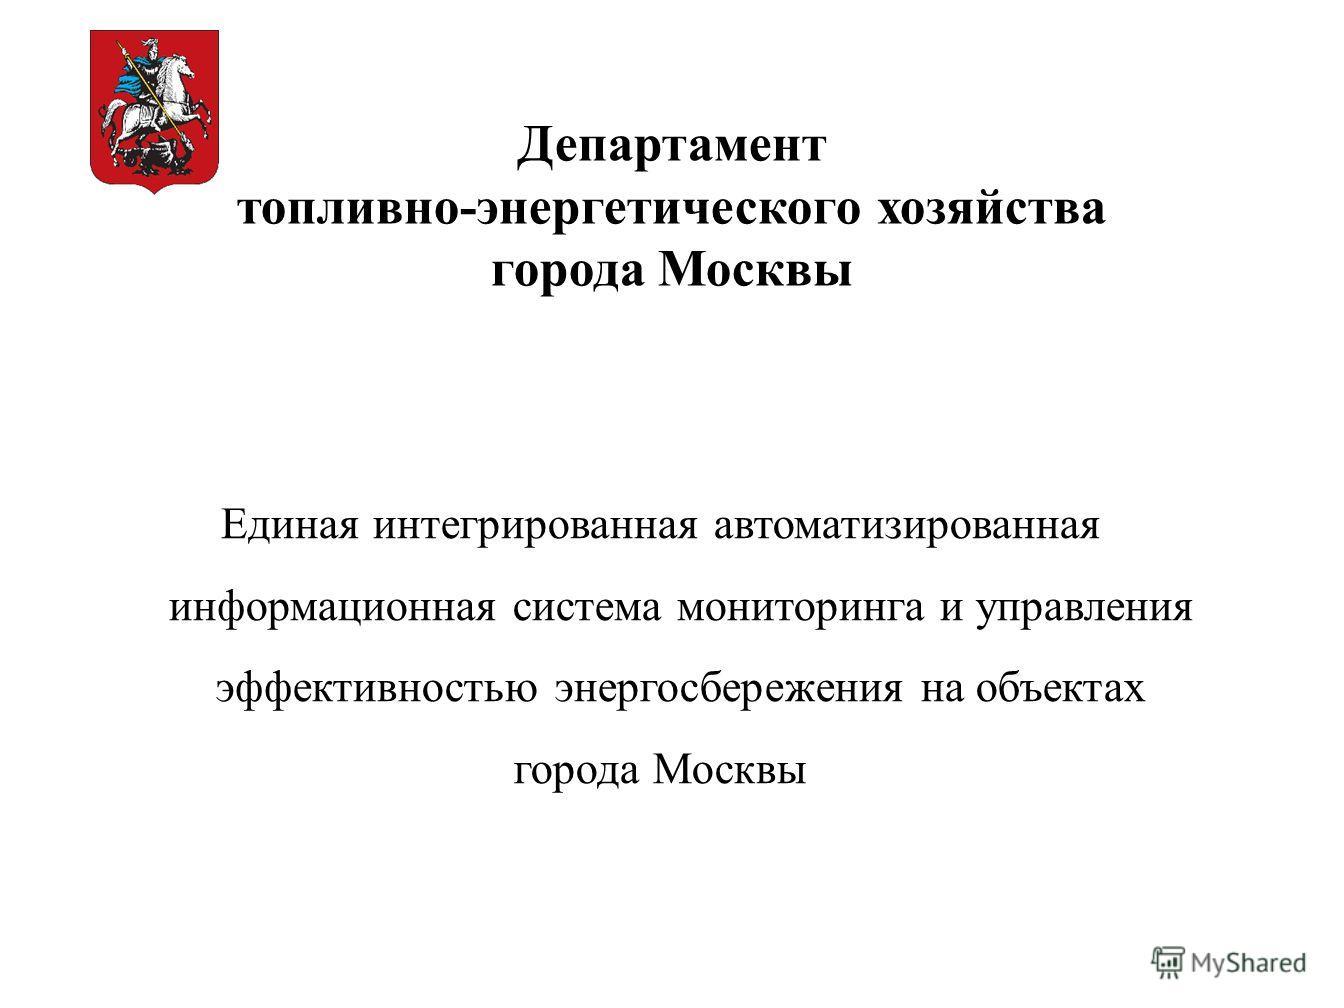 Единая интегрированная автоматизированная информационная система мониторинга и управления эффективностью энергосбережения на объектах города Москвы Департамент топливно-энергетического хозяйства города Москвы